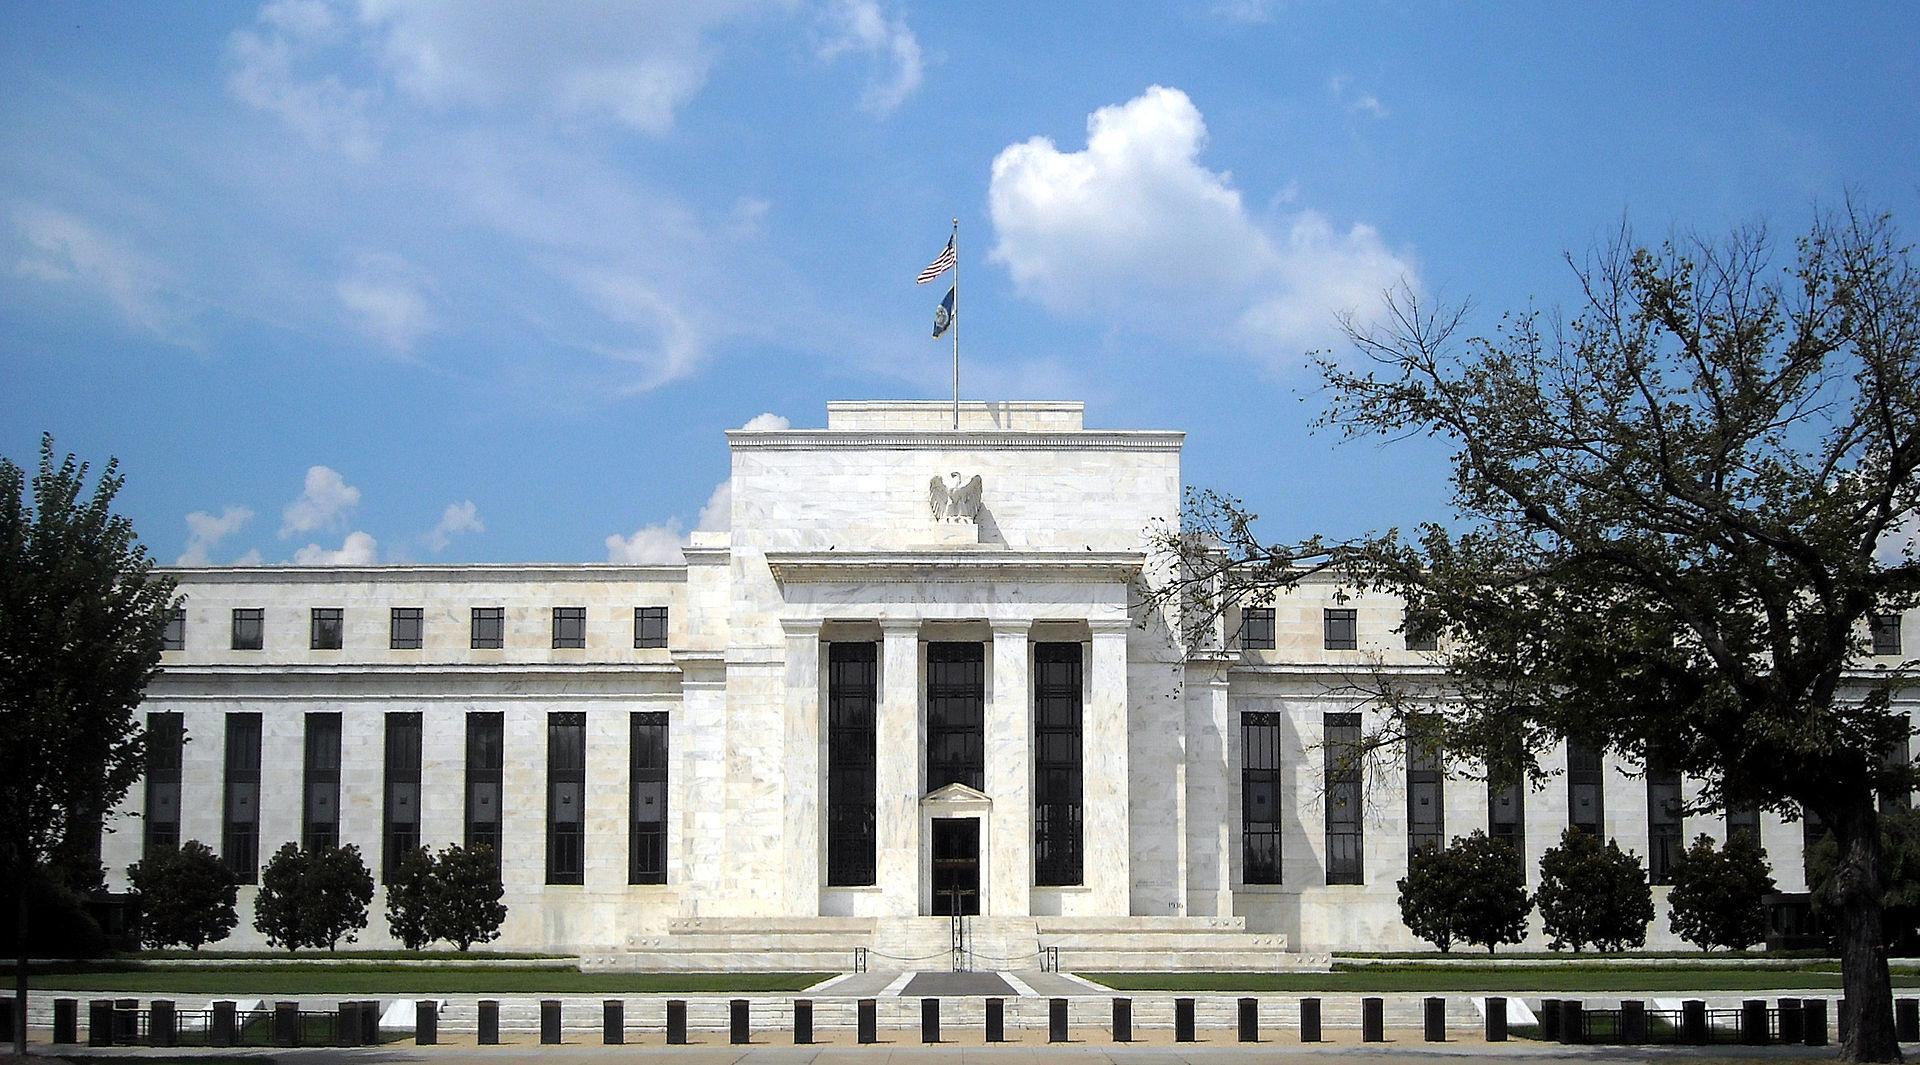 سوق العملات في انتظار حديث يلين محافظ البنك الفيدرالي